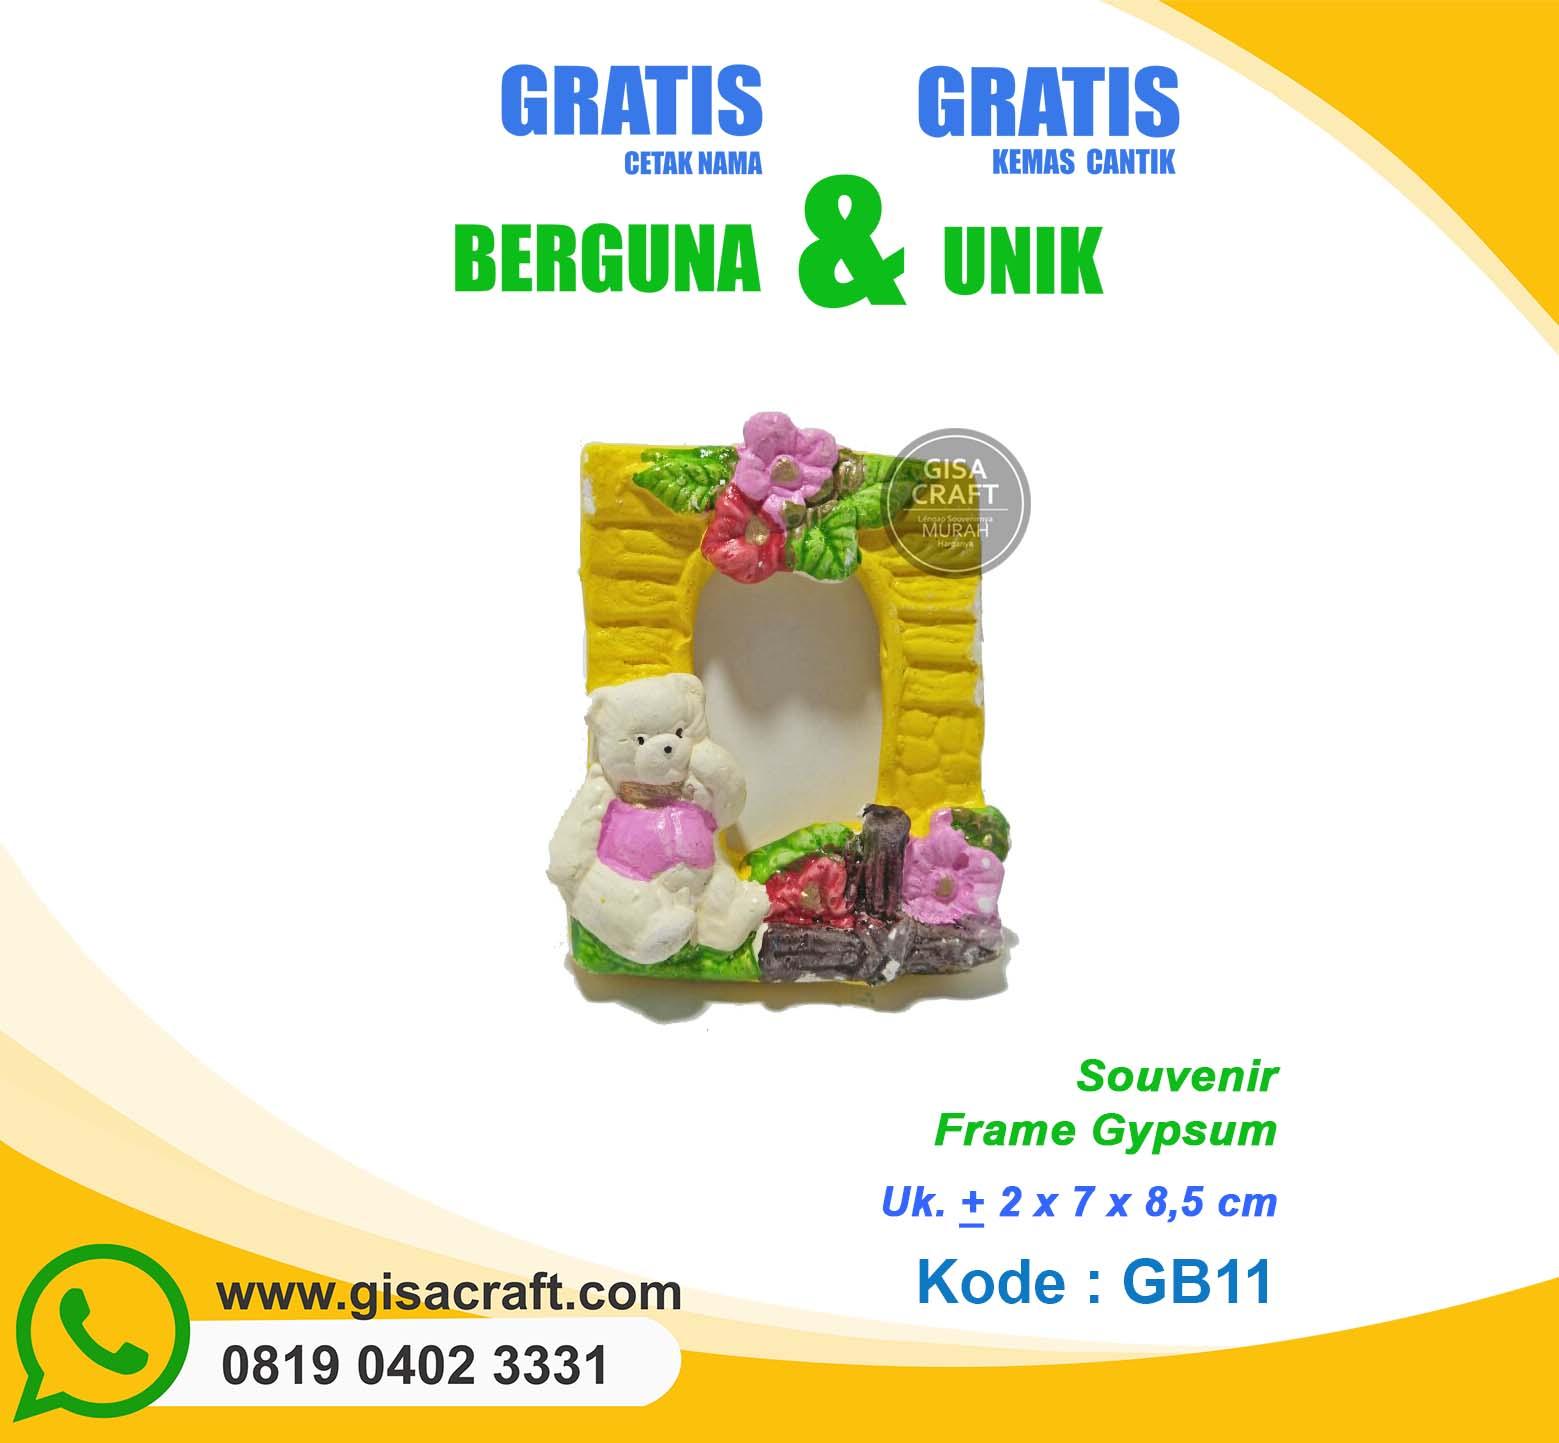 Souvenir Frame Gypsum GB11